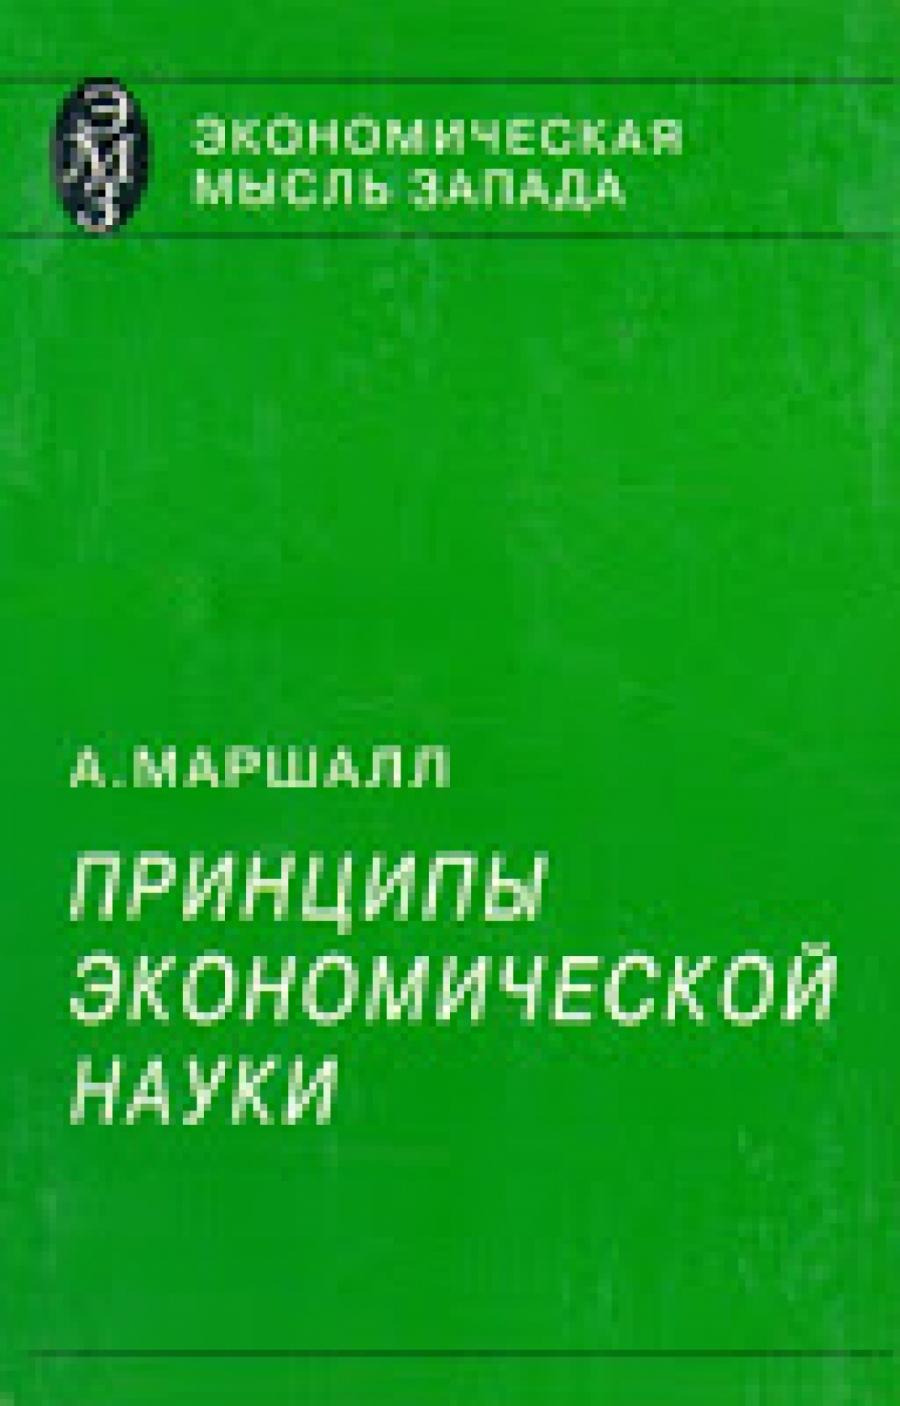 Обложка книги:  альфред маршалл - принципы экономической науки